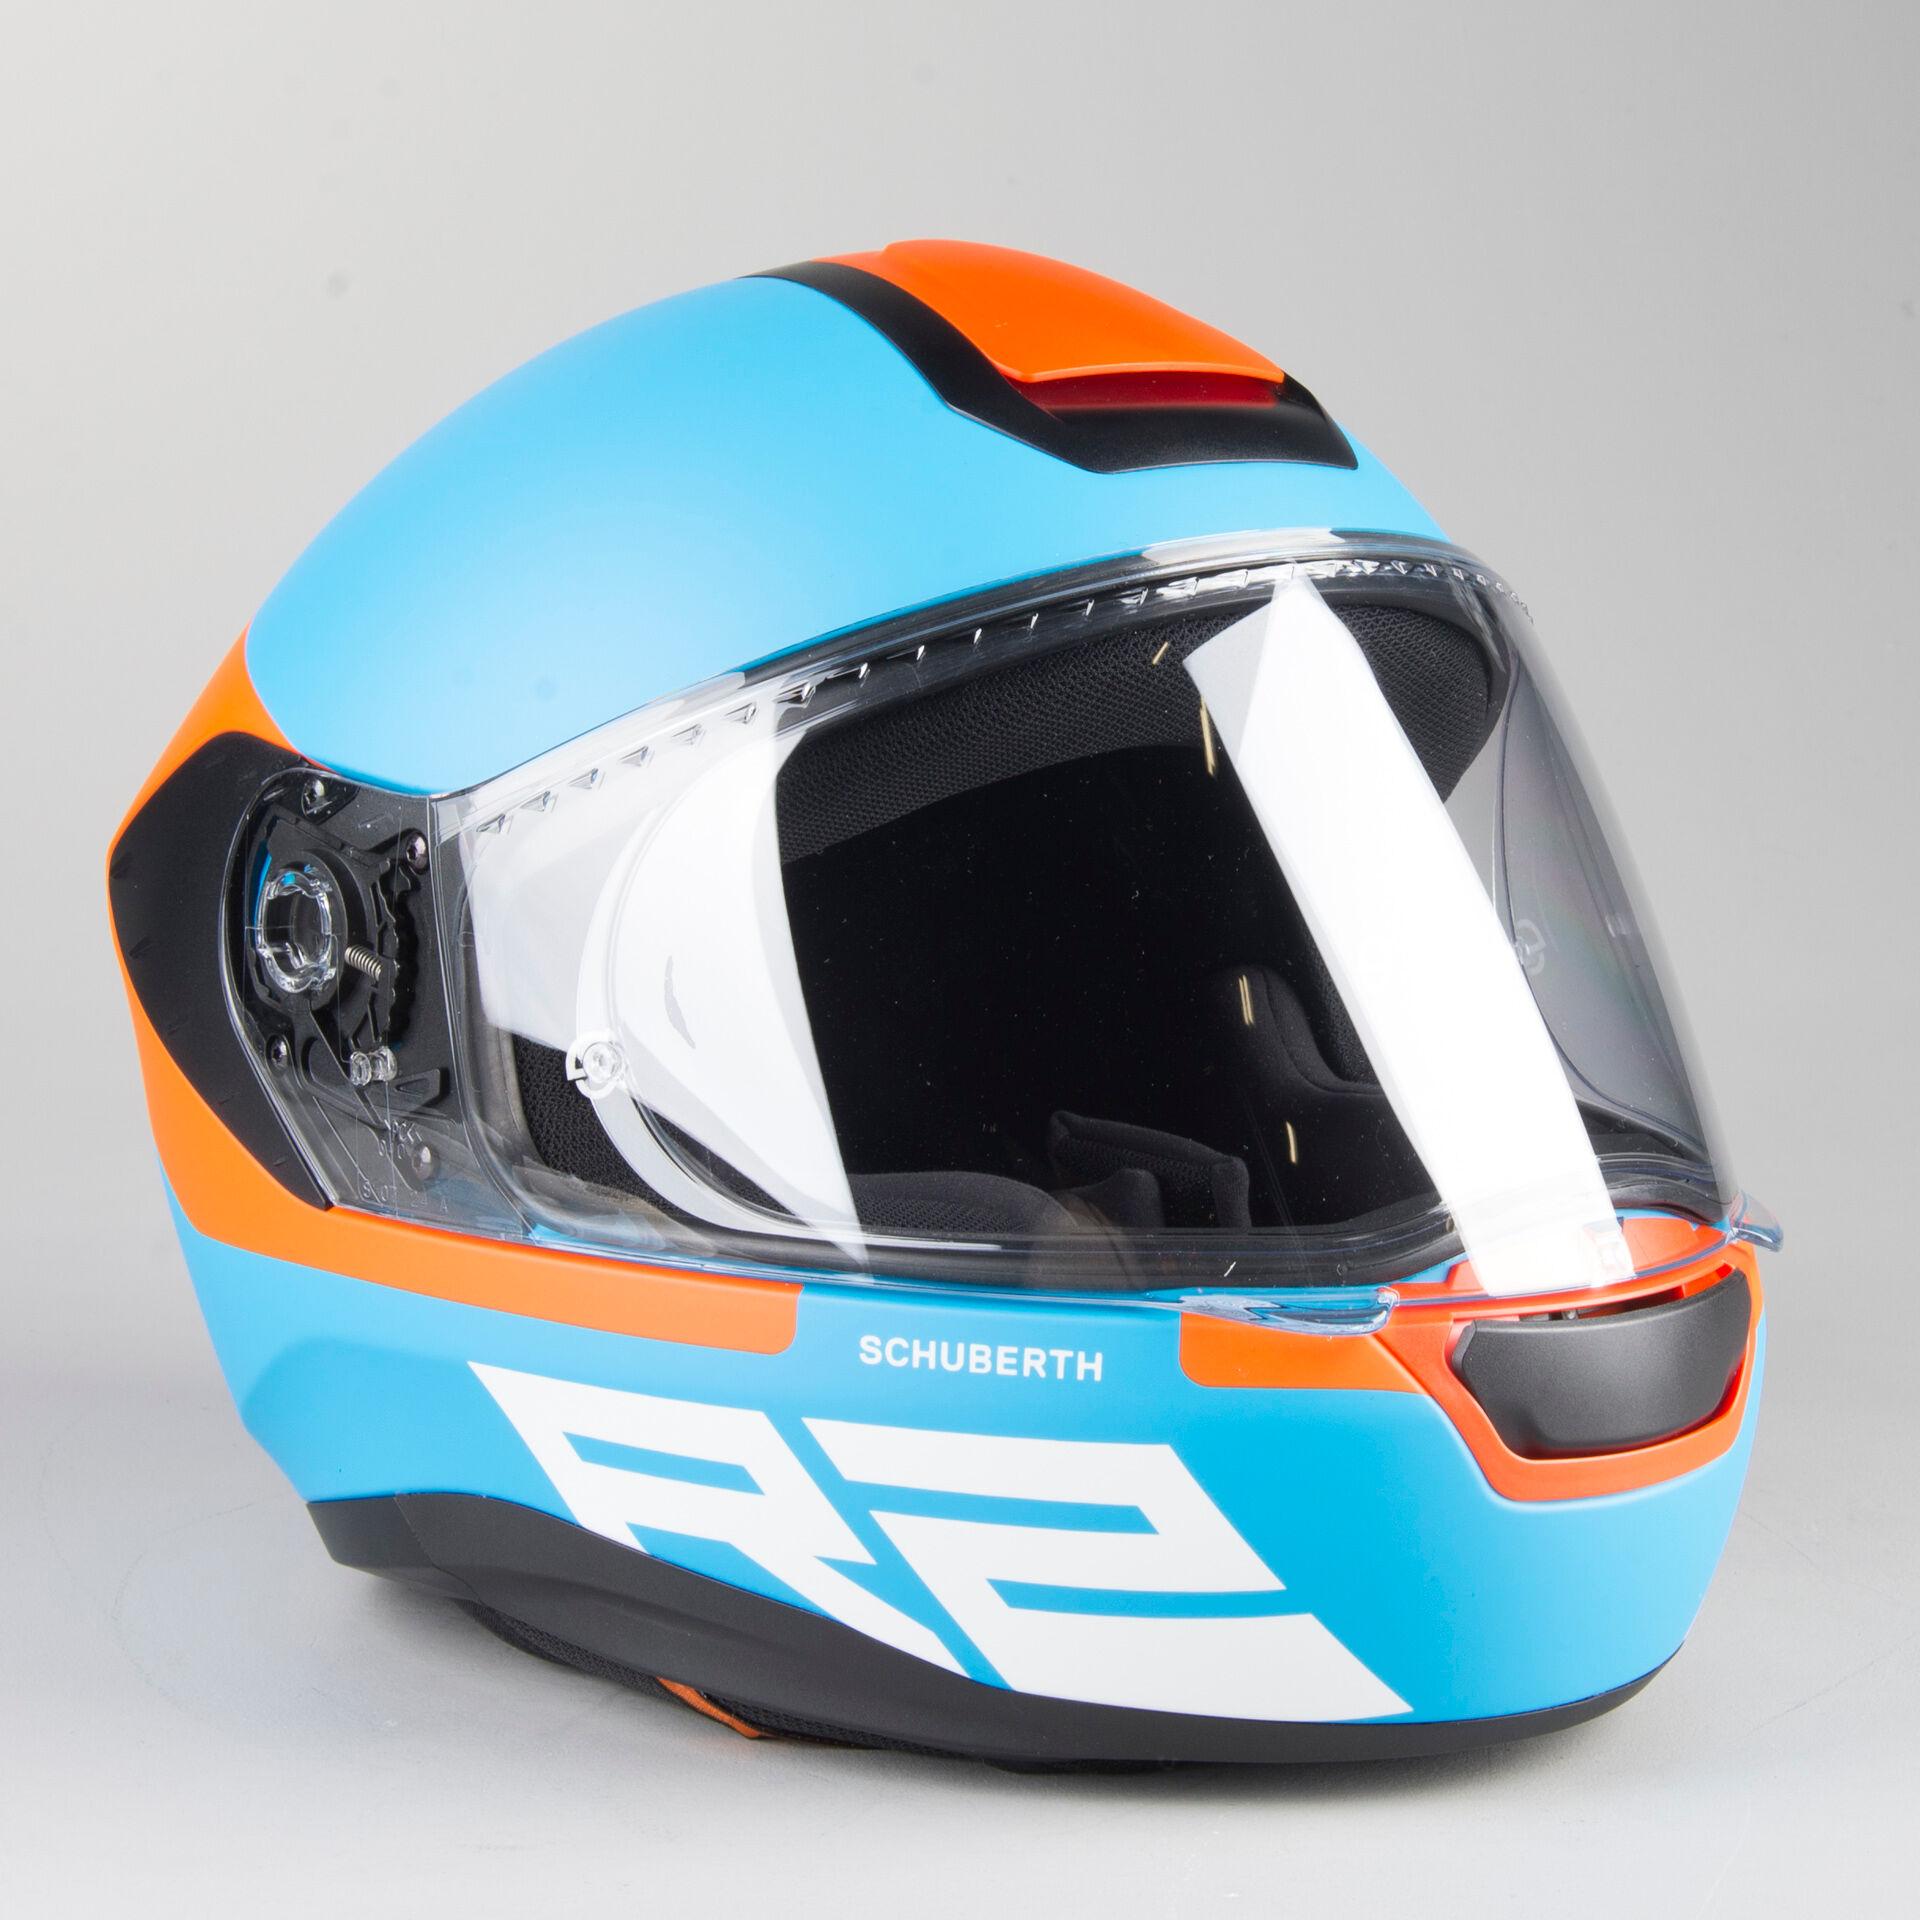 Schuberth Casco Integrale R2 Wing Azzurro